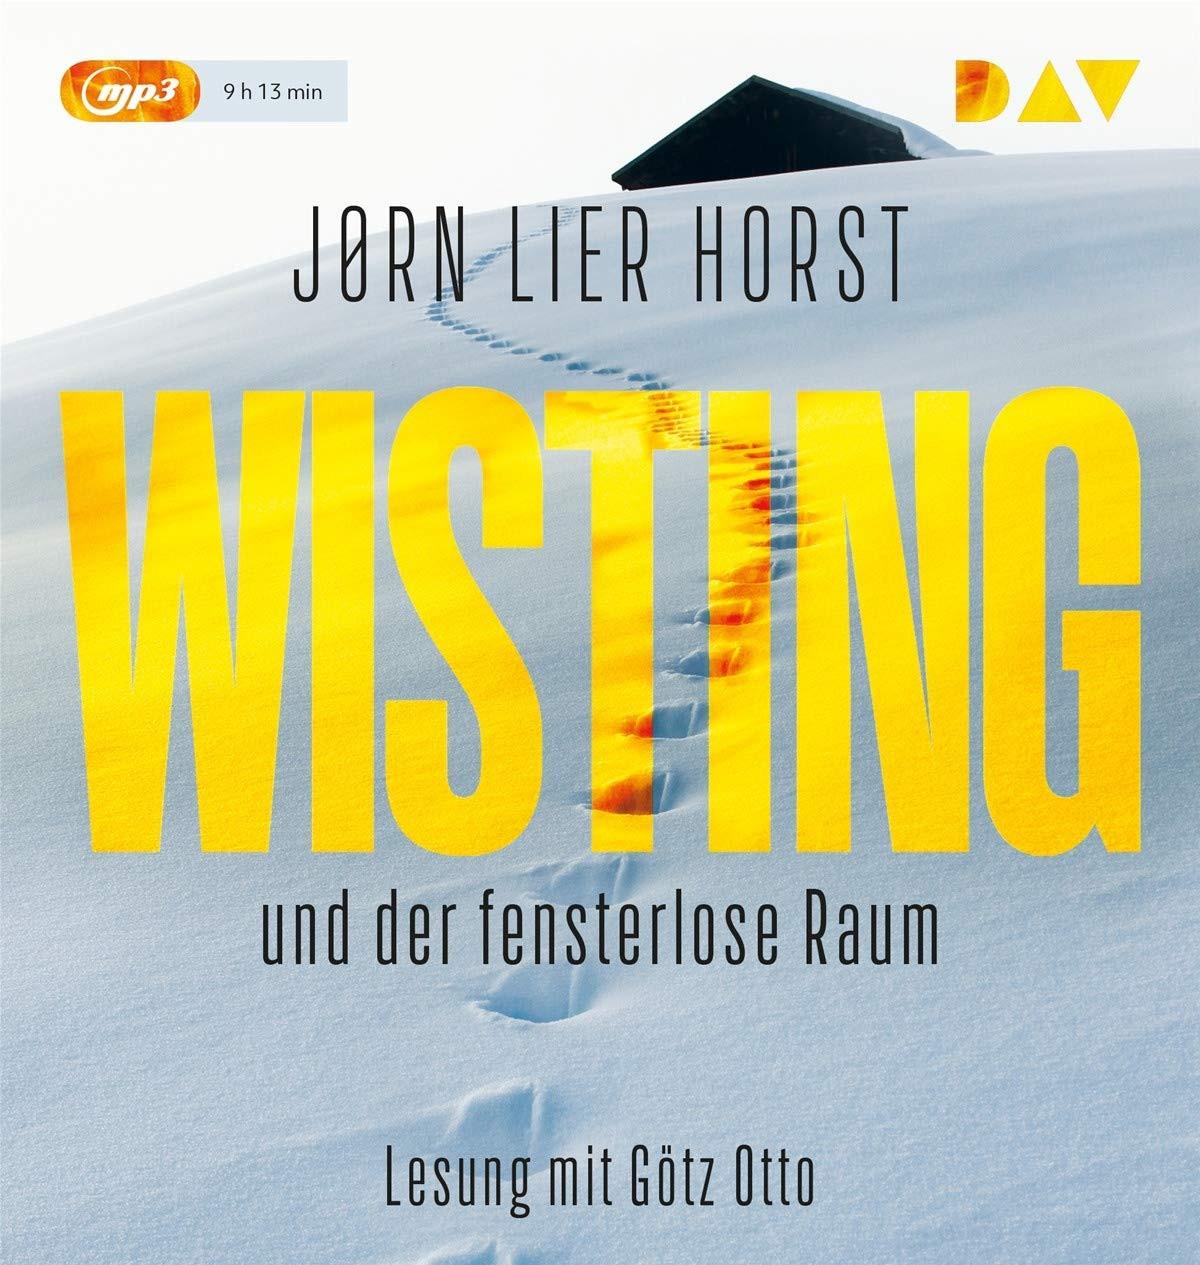 Jørn Lier Horst - Wisting und der fensterlose Raum (Cold Cases 2)